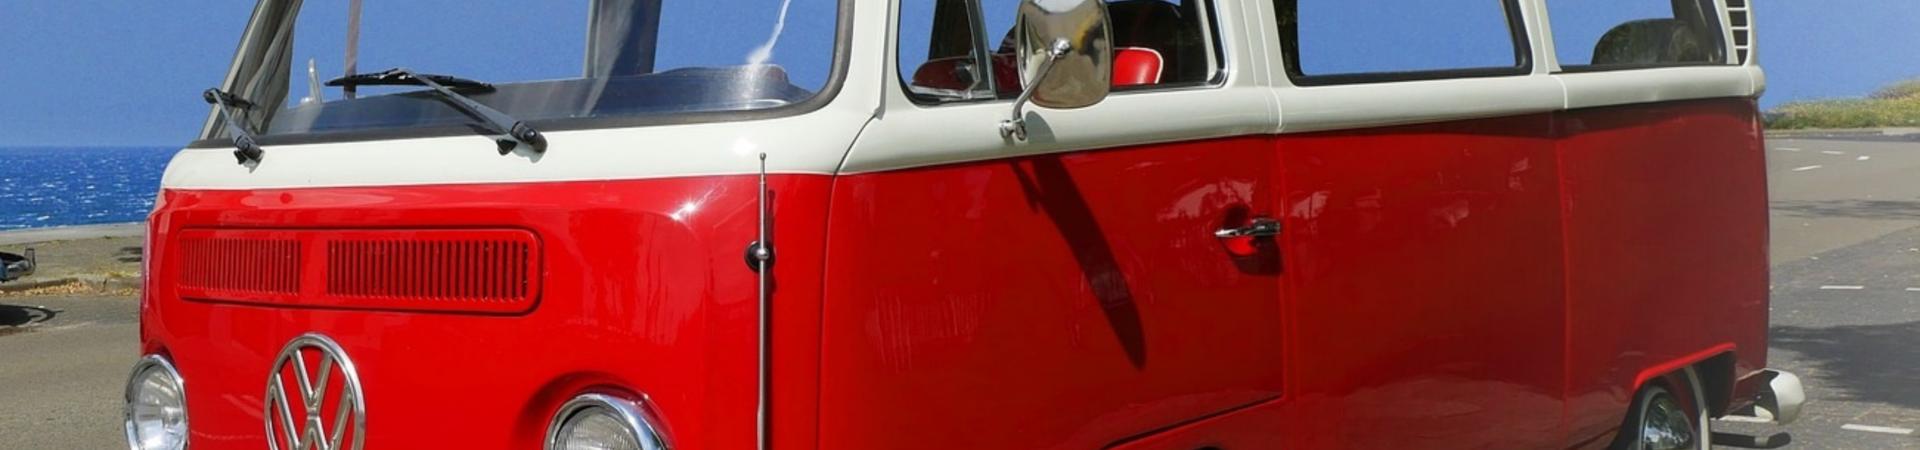 Pensions hero image of red camper van